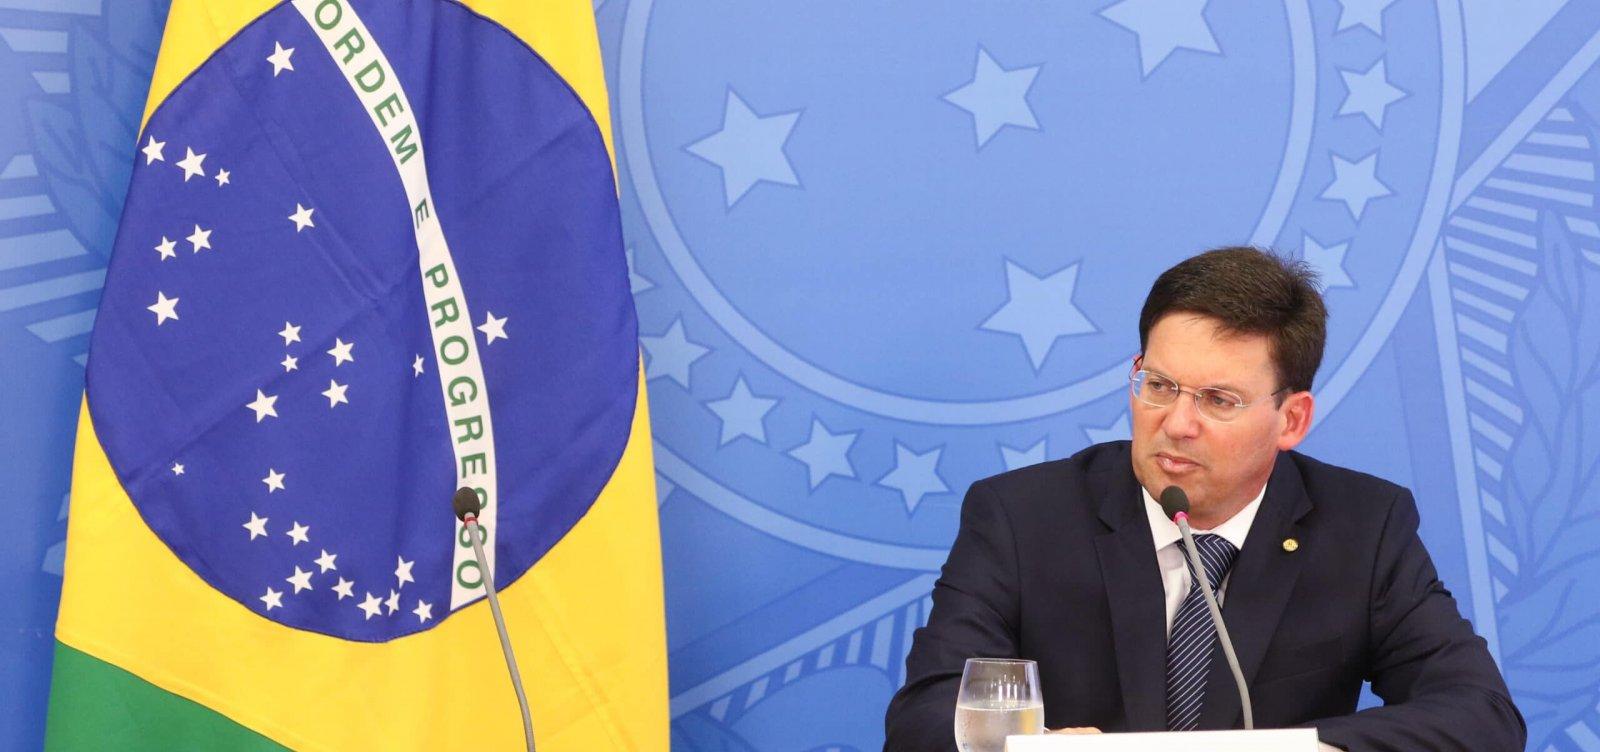 Auxílio Brasil de R$ 400 será pago a partir de novembro, anuncia João Roma